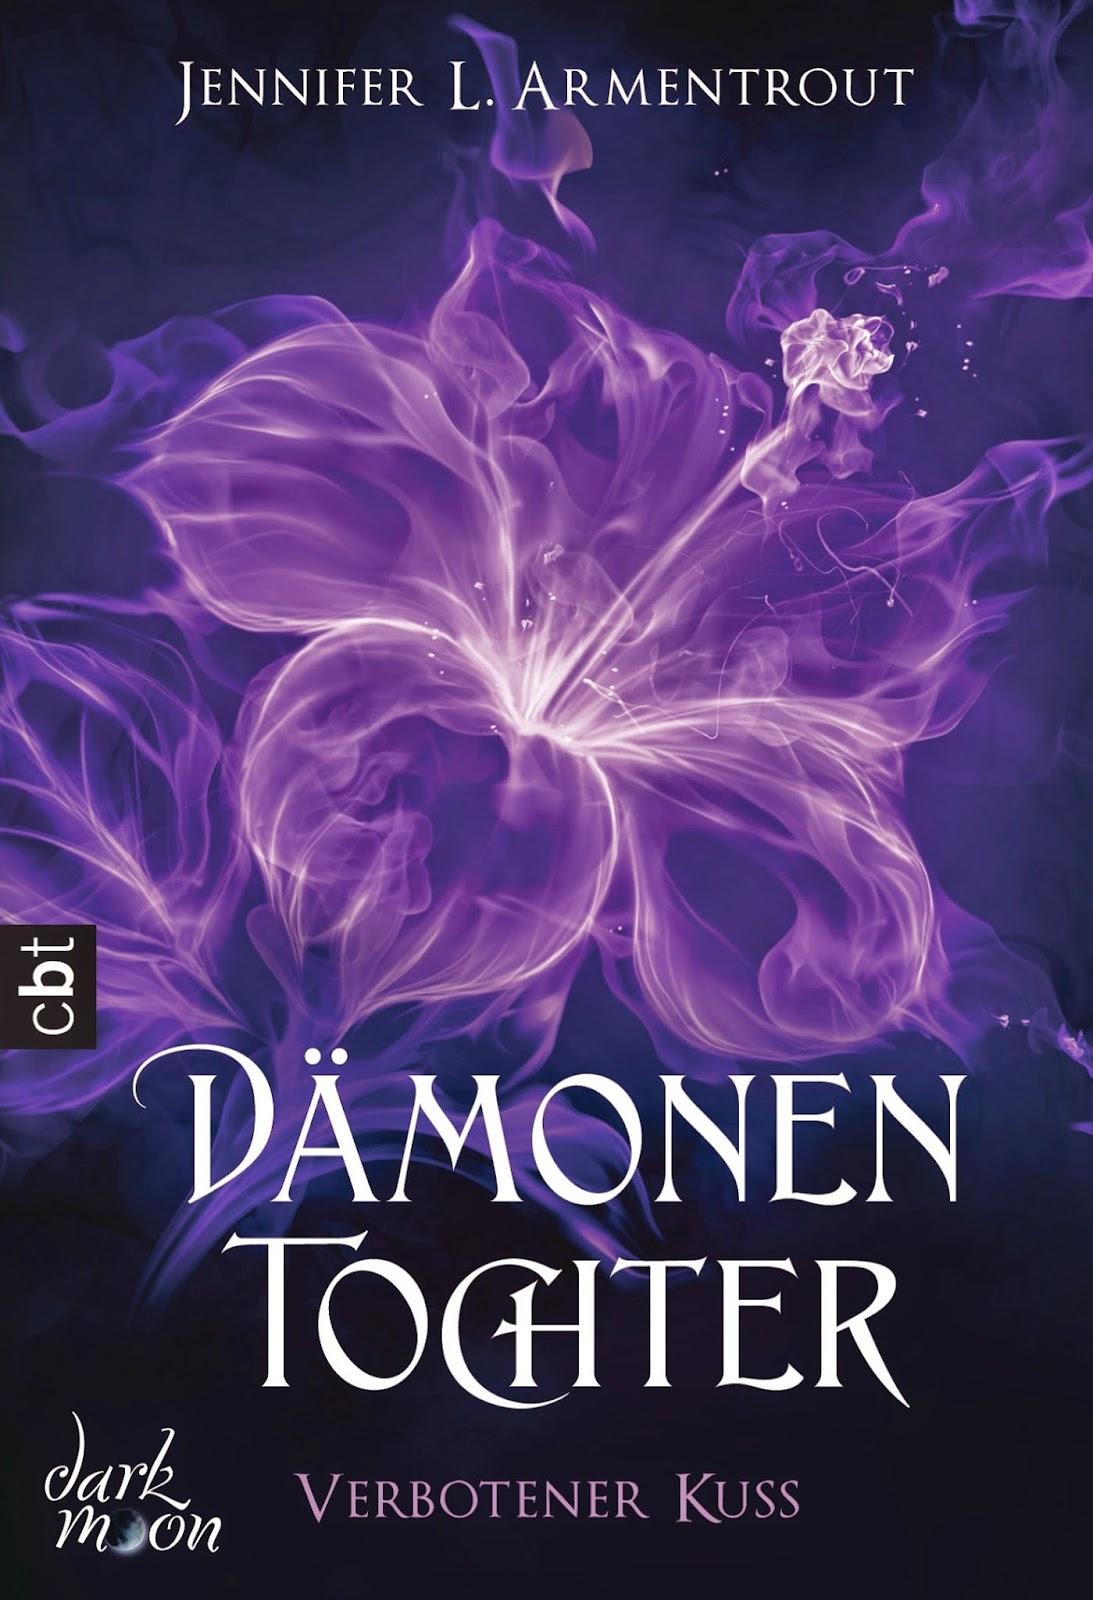 http://www.randomhouse.de/Taschenbuch/Daemonentochter-Verbotener-Kuss-Band-1/Jennifer-L-Armentrout/e438082.rhd